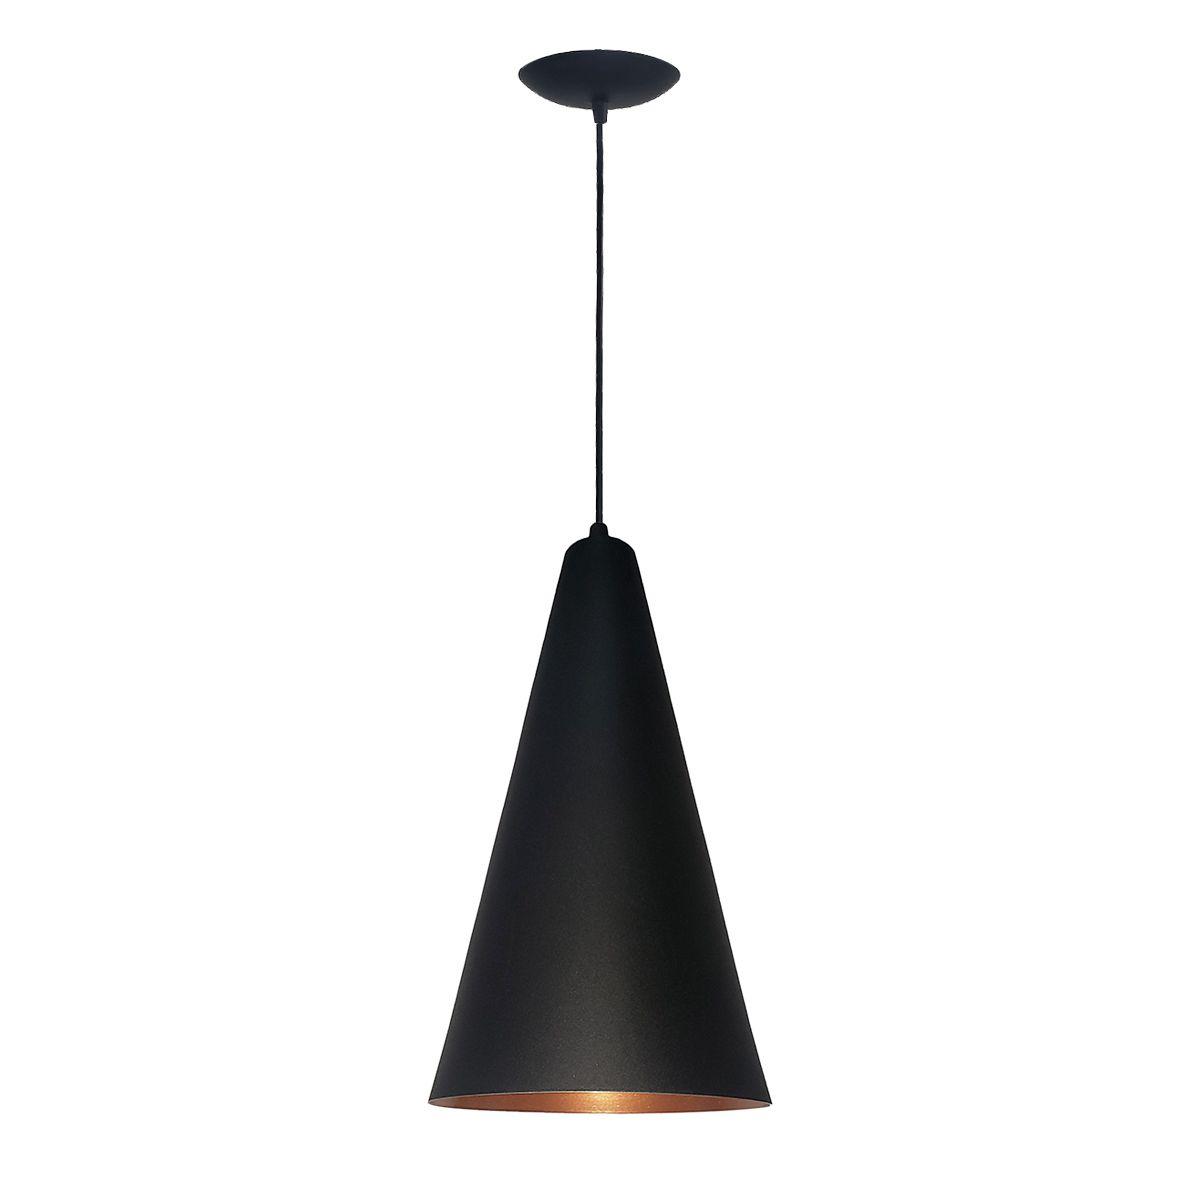 Luminária Decorativa Cônico 24 Preto/Cobre com Pendente